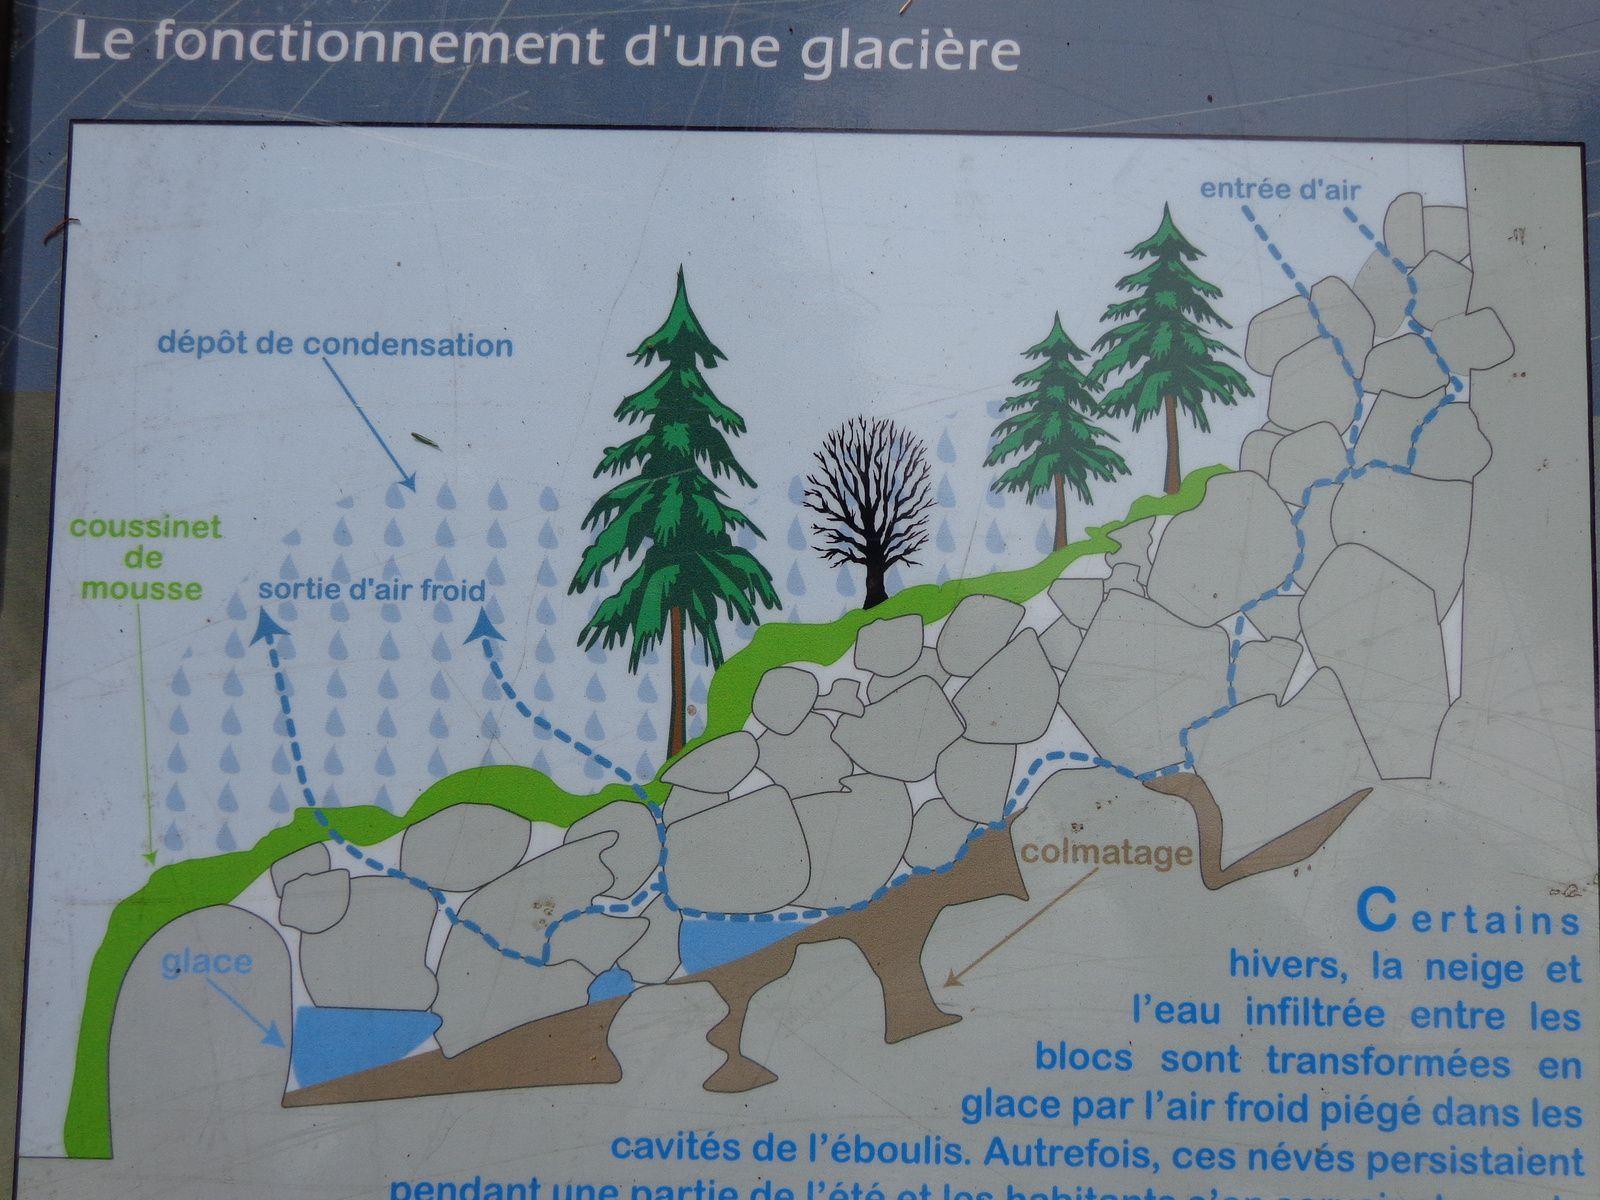 rochers qui cachent l'entrée de la glacière mais dont on peut ressentir la fraicheur à proximité